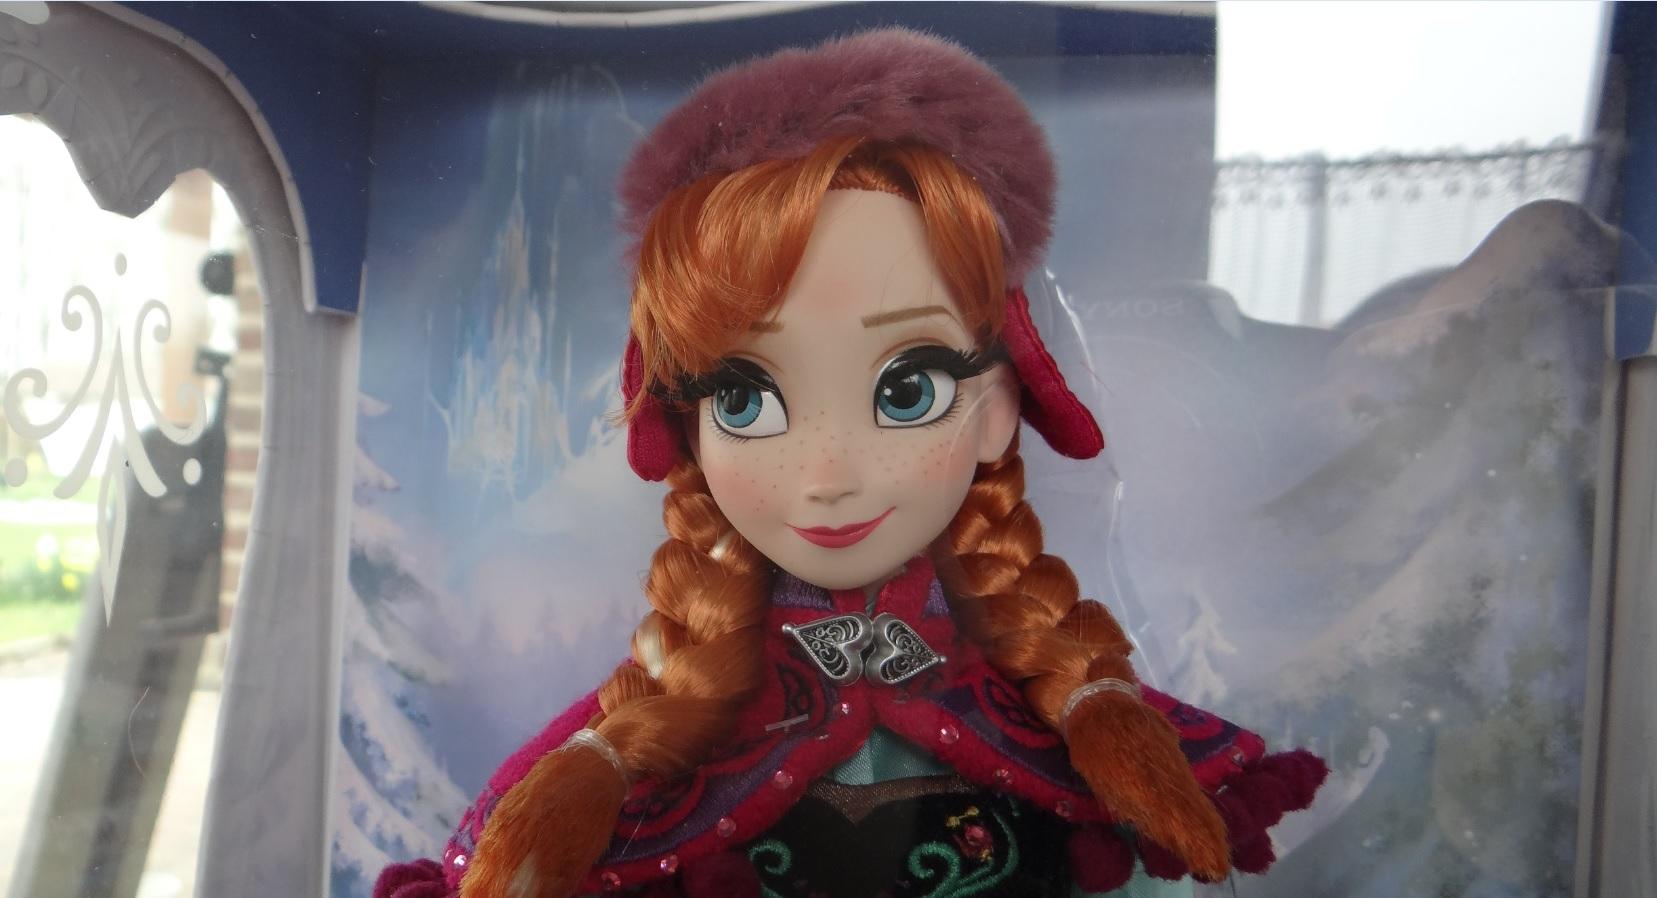 Disney Store Poupées Limited Edition 17'' (depuis 2009) - Page 37 679055198